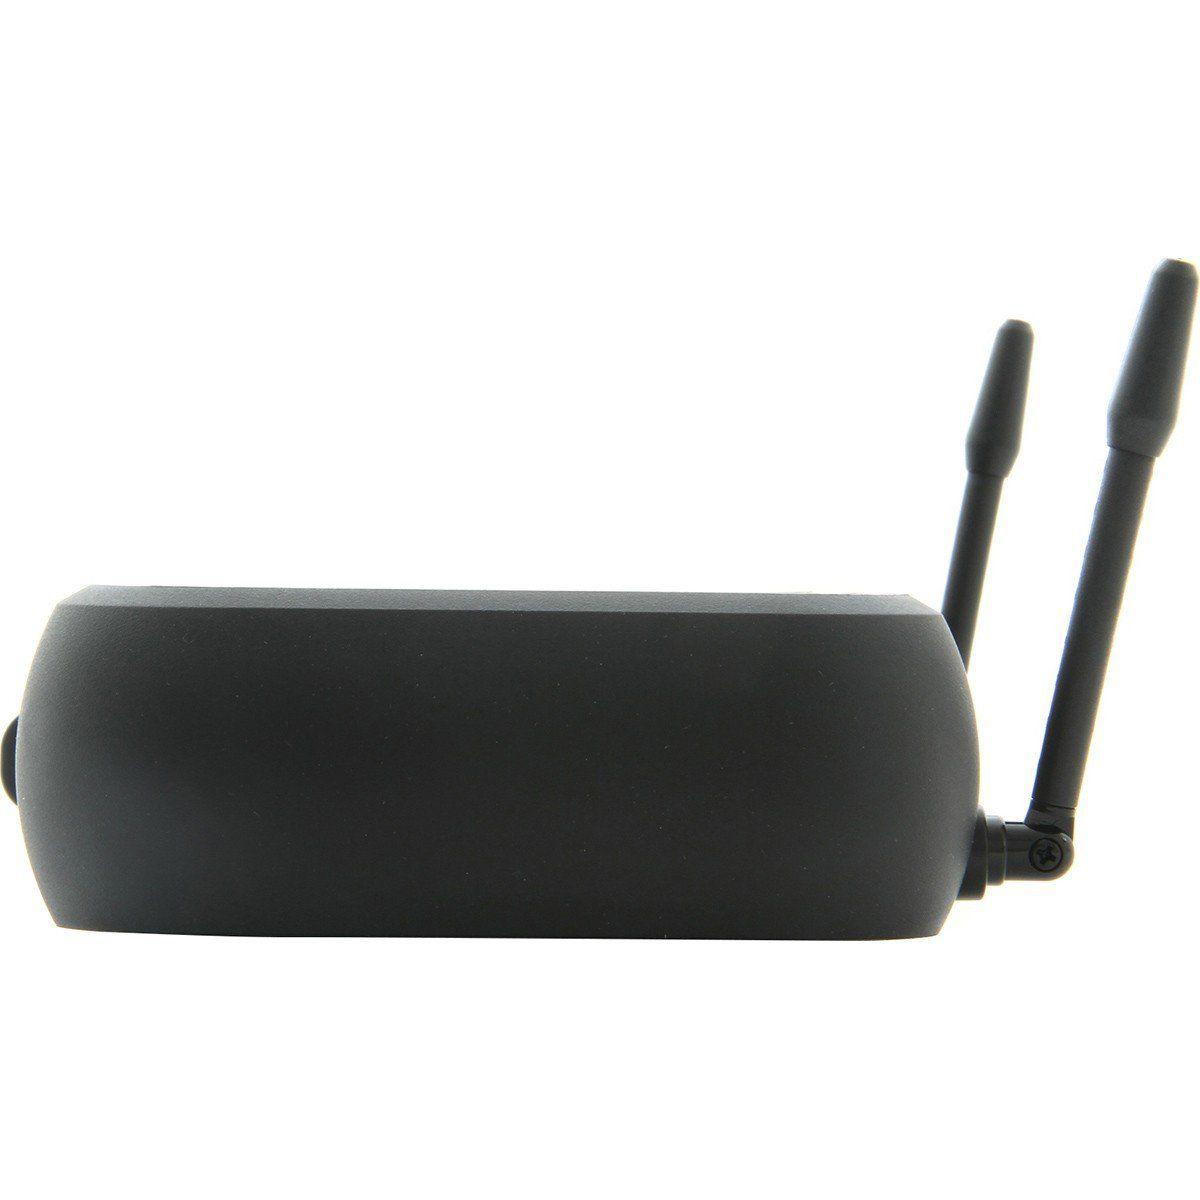 Shure PGXD24/SM58 Microfone sem fio Shure PGXD24-SM58 para Igrejas e Teatros